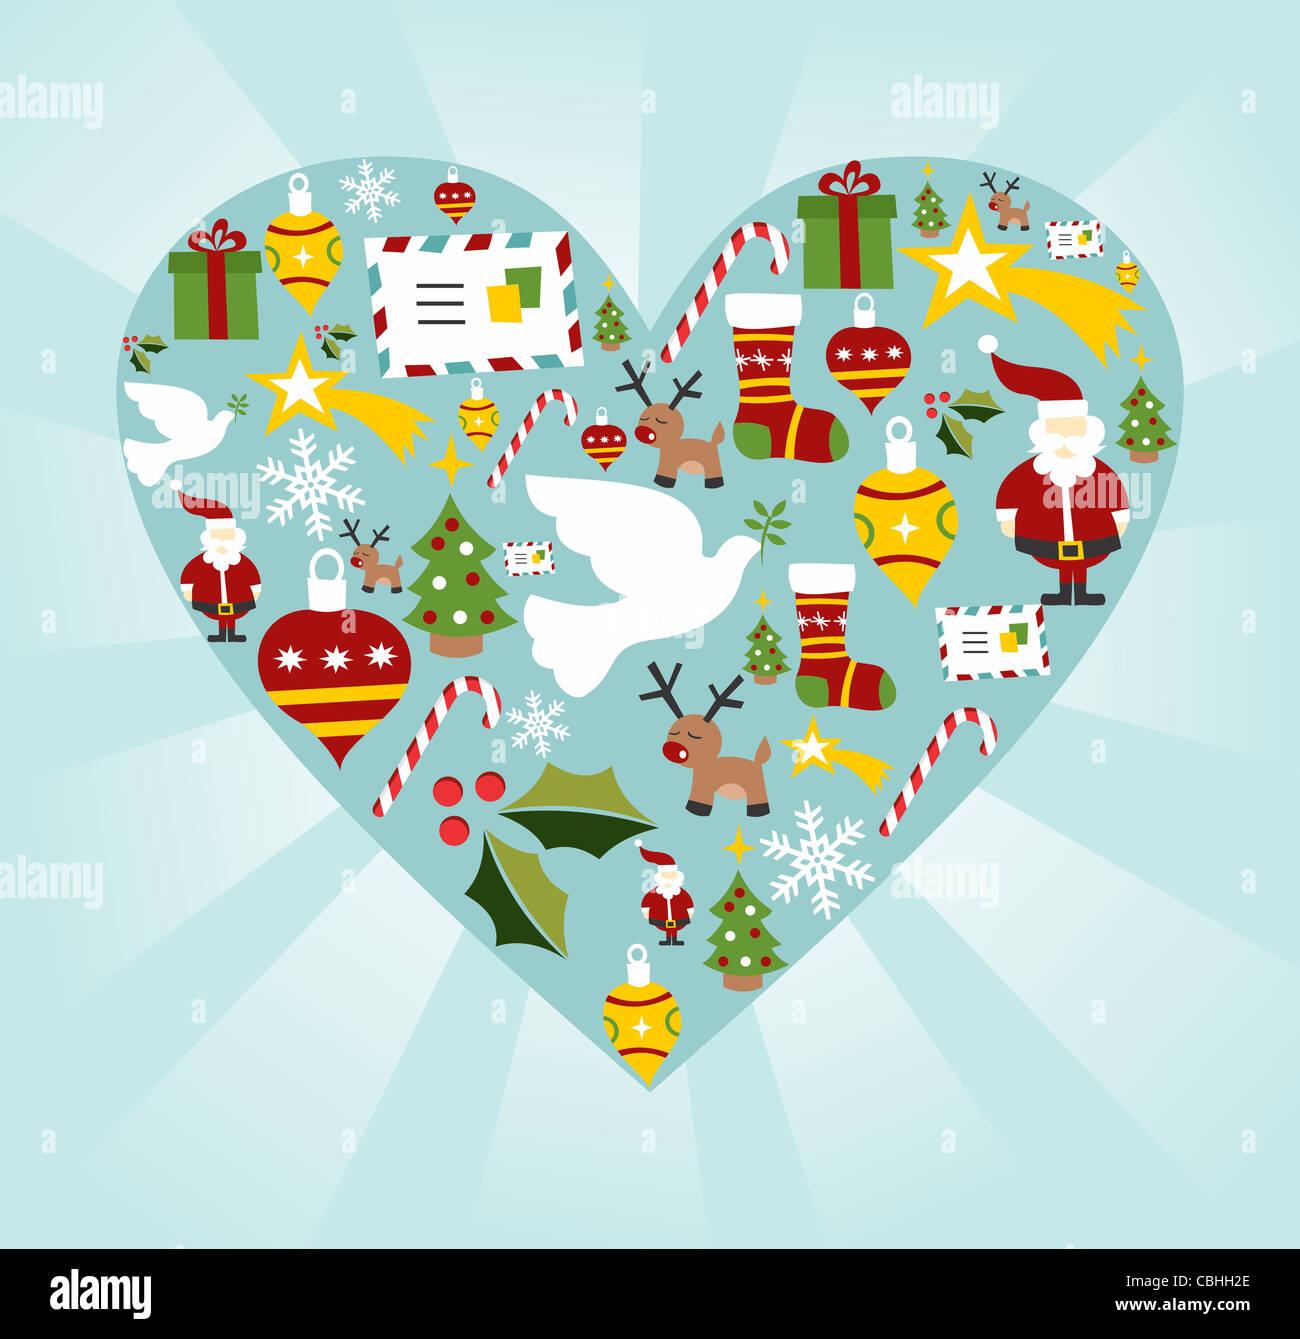 Christmas Icona impostare in forma di cuore dello sfondo. File vettoriale disponibile. Immagini Stock